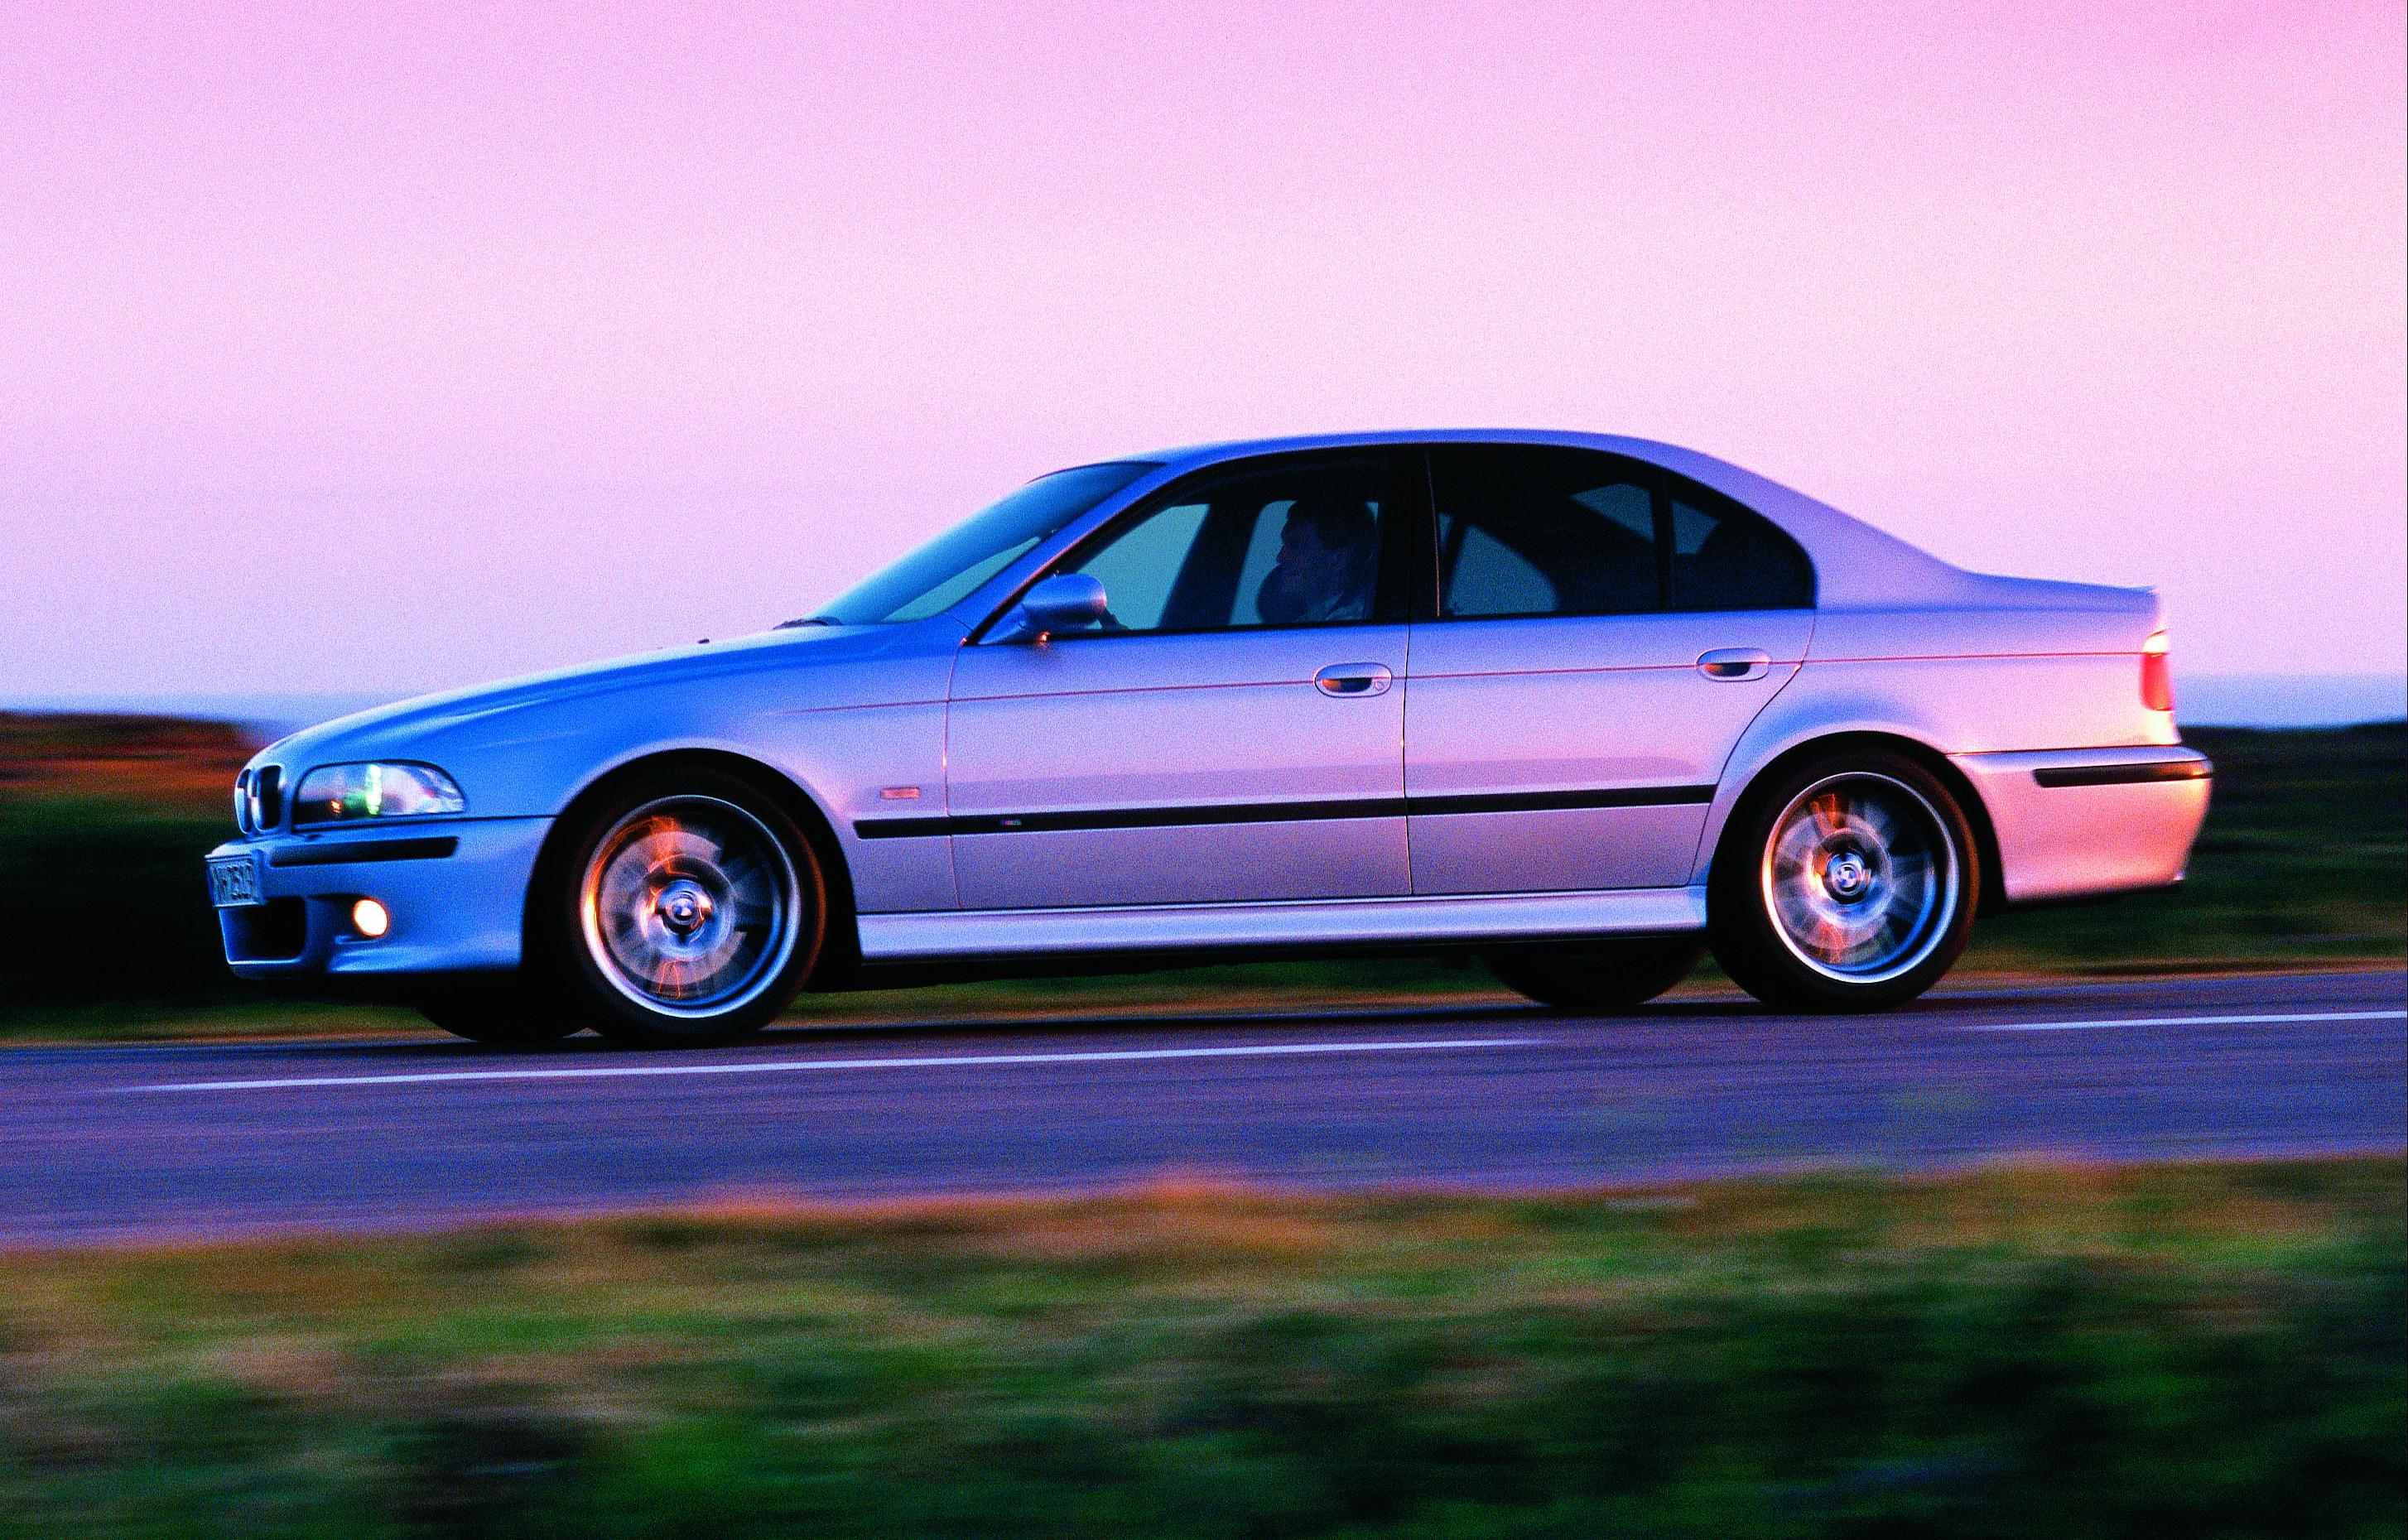 Les M5 E39 ne sont certes plus construites artisanalement, mais profitent d'un V8.